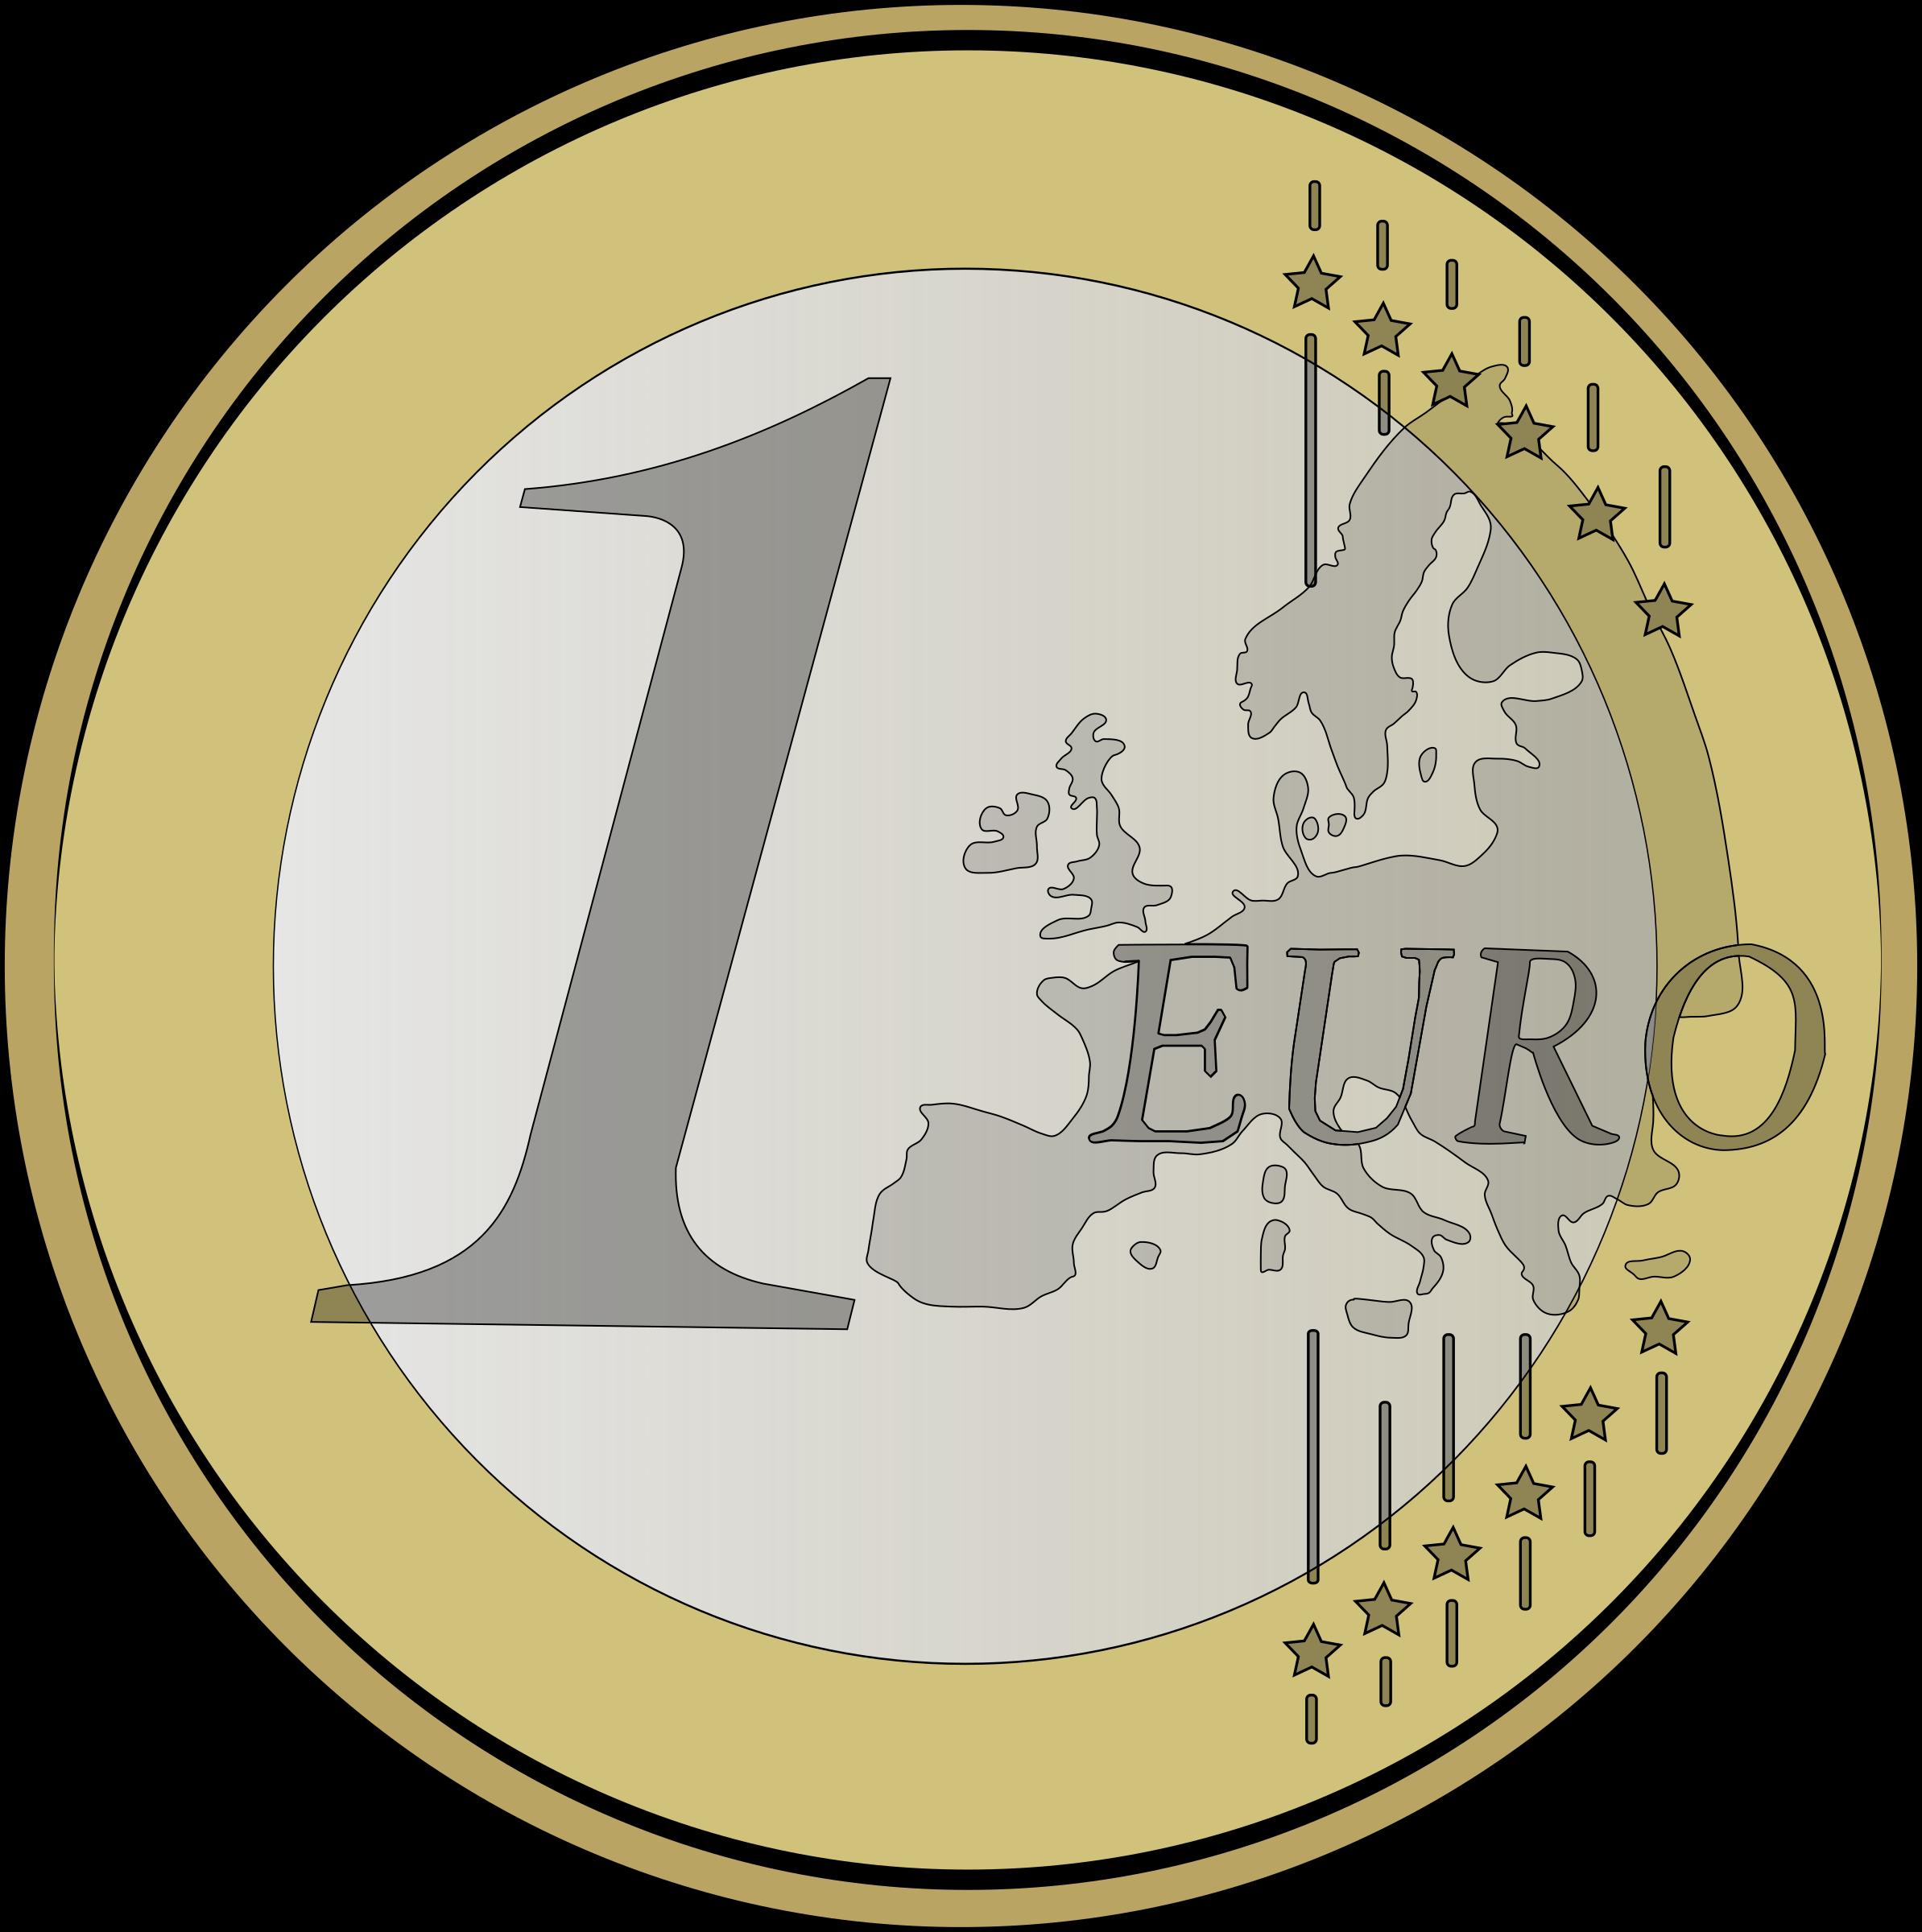 Entrée en vigueur de l'euro en 1999 et remontée du taux de change